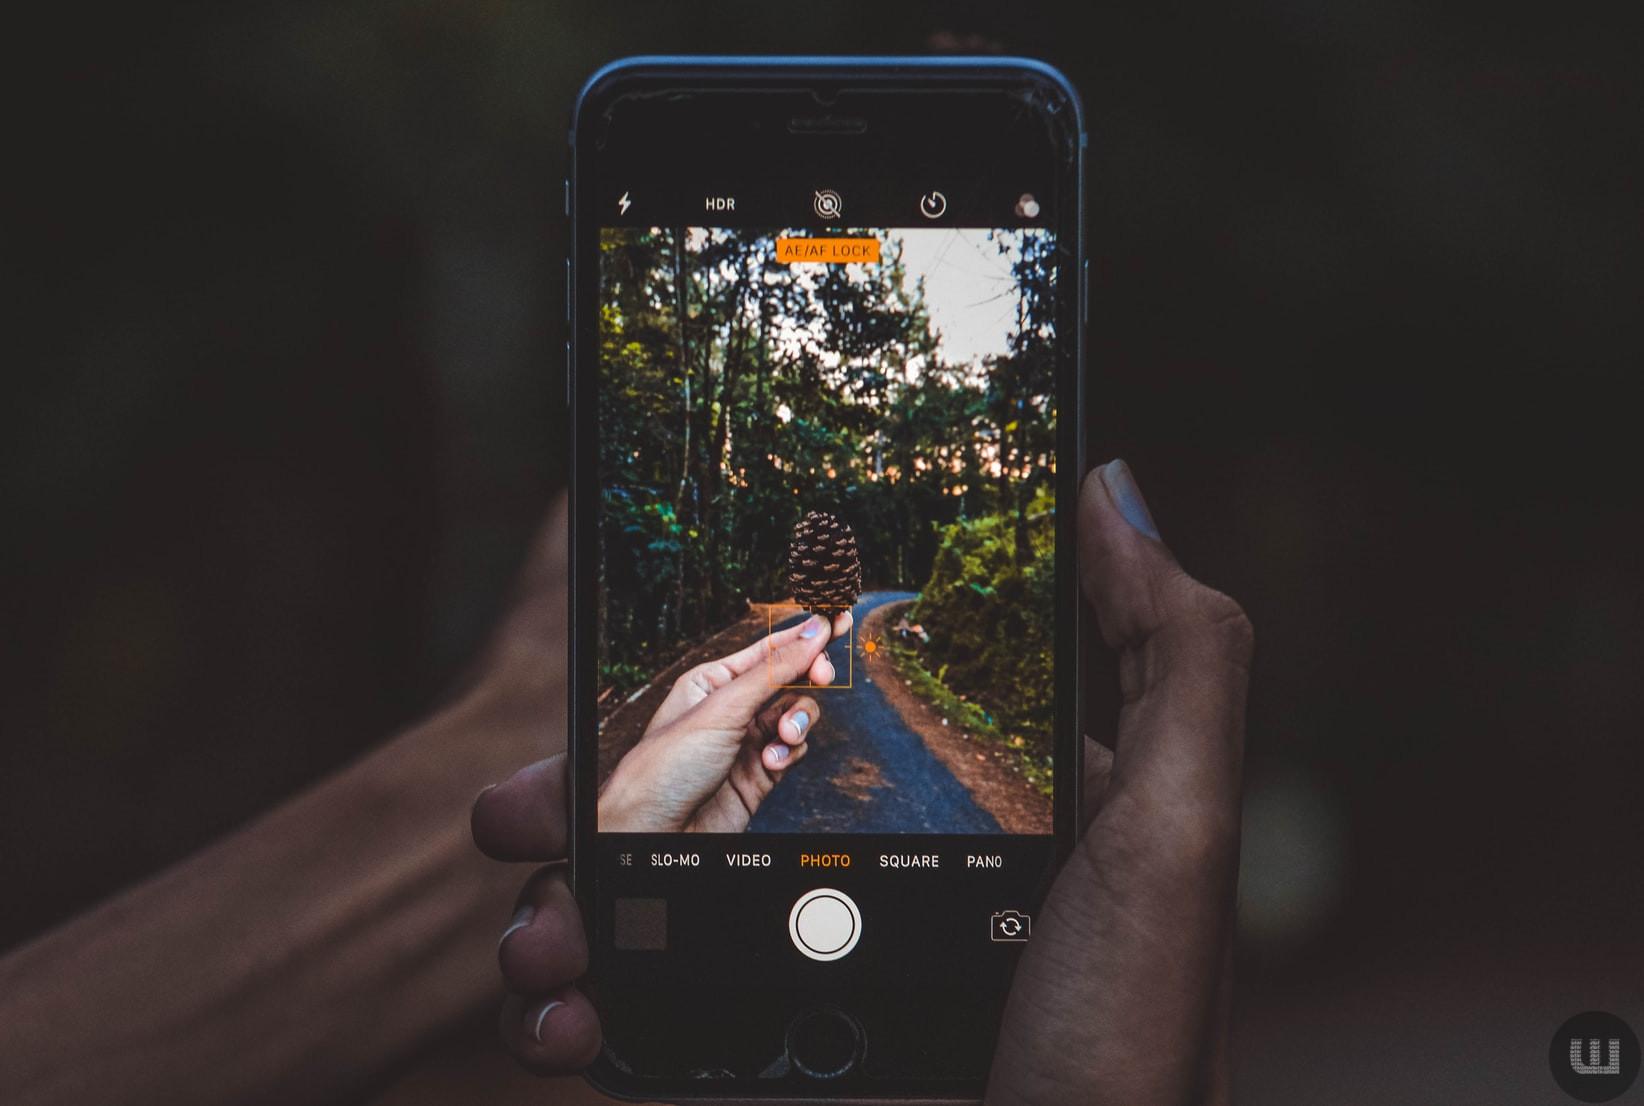 ведь, как профессионально фотографировать на смартфон серии два